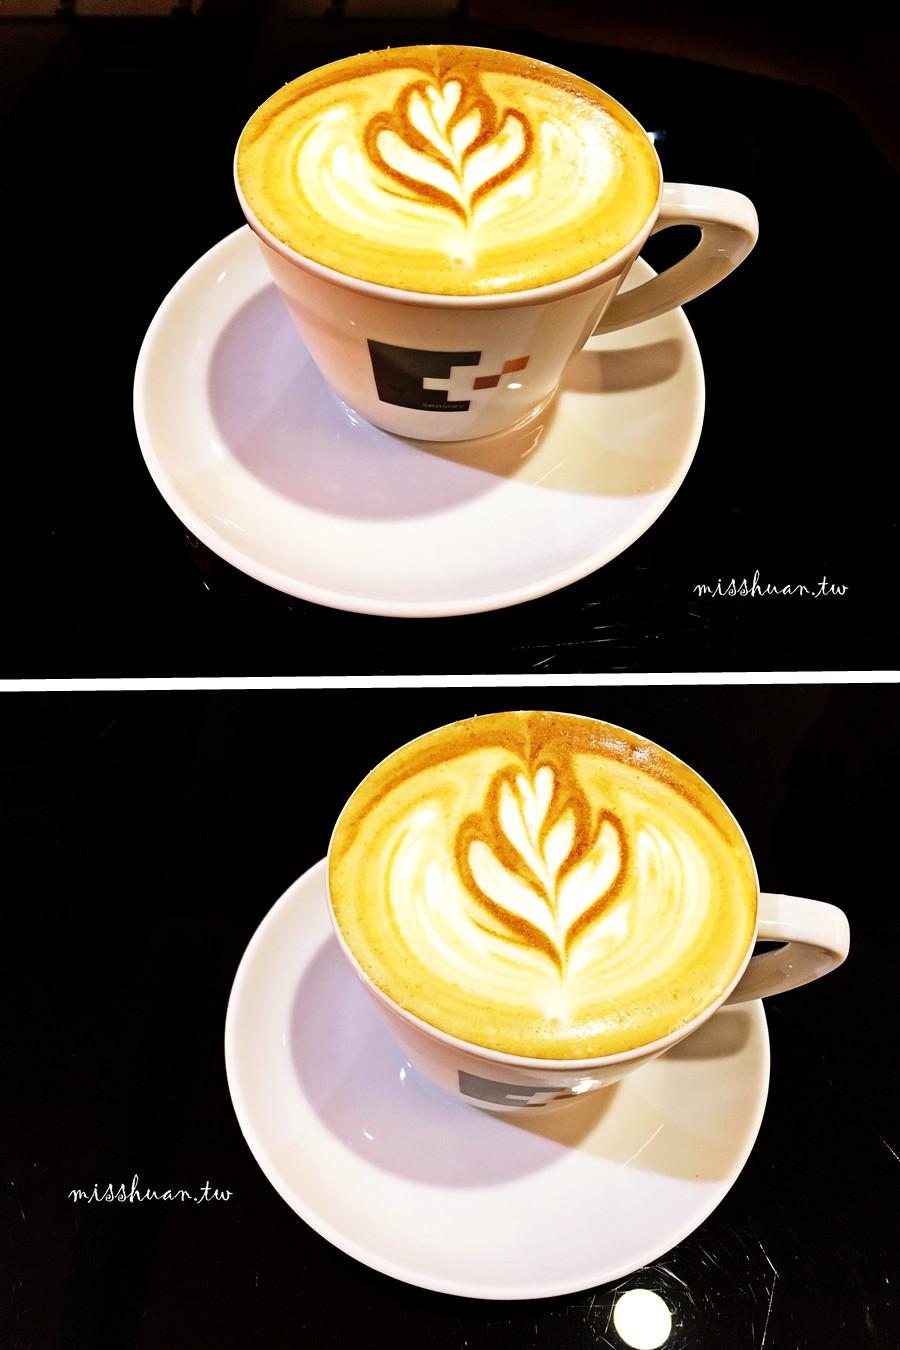 新銳咖啡 Sensory cafe